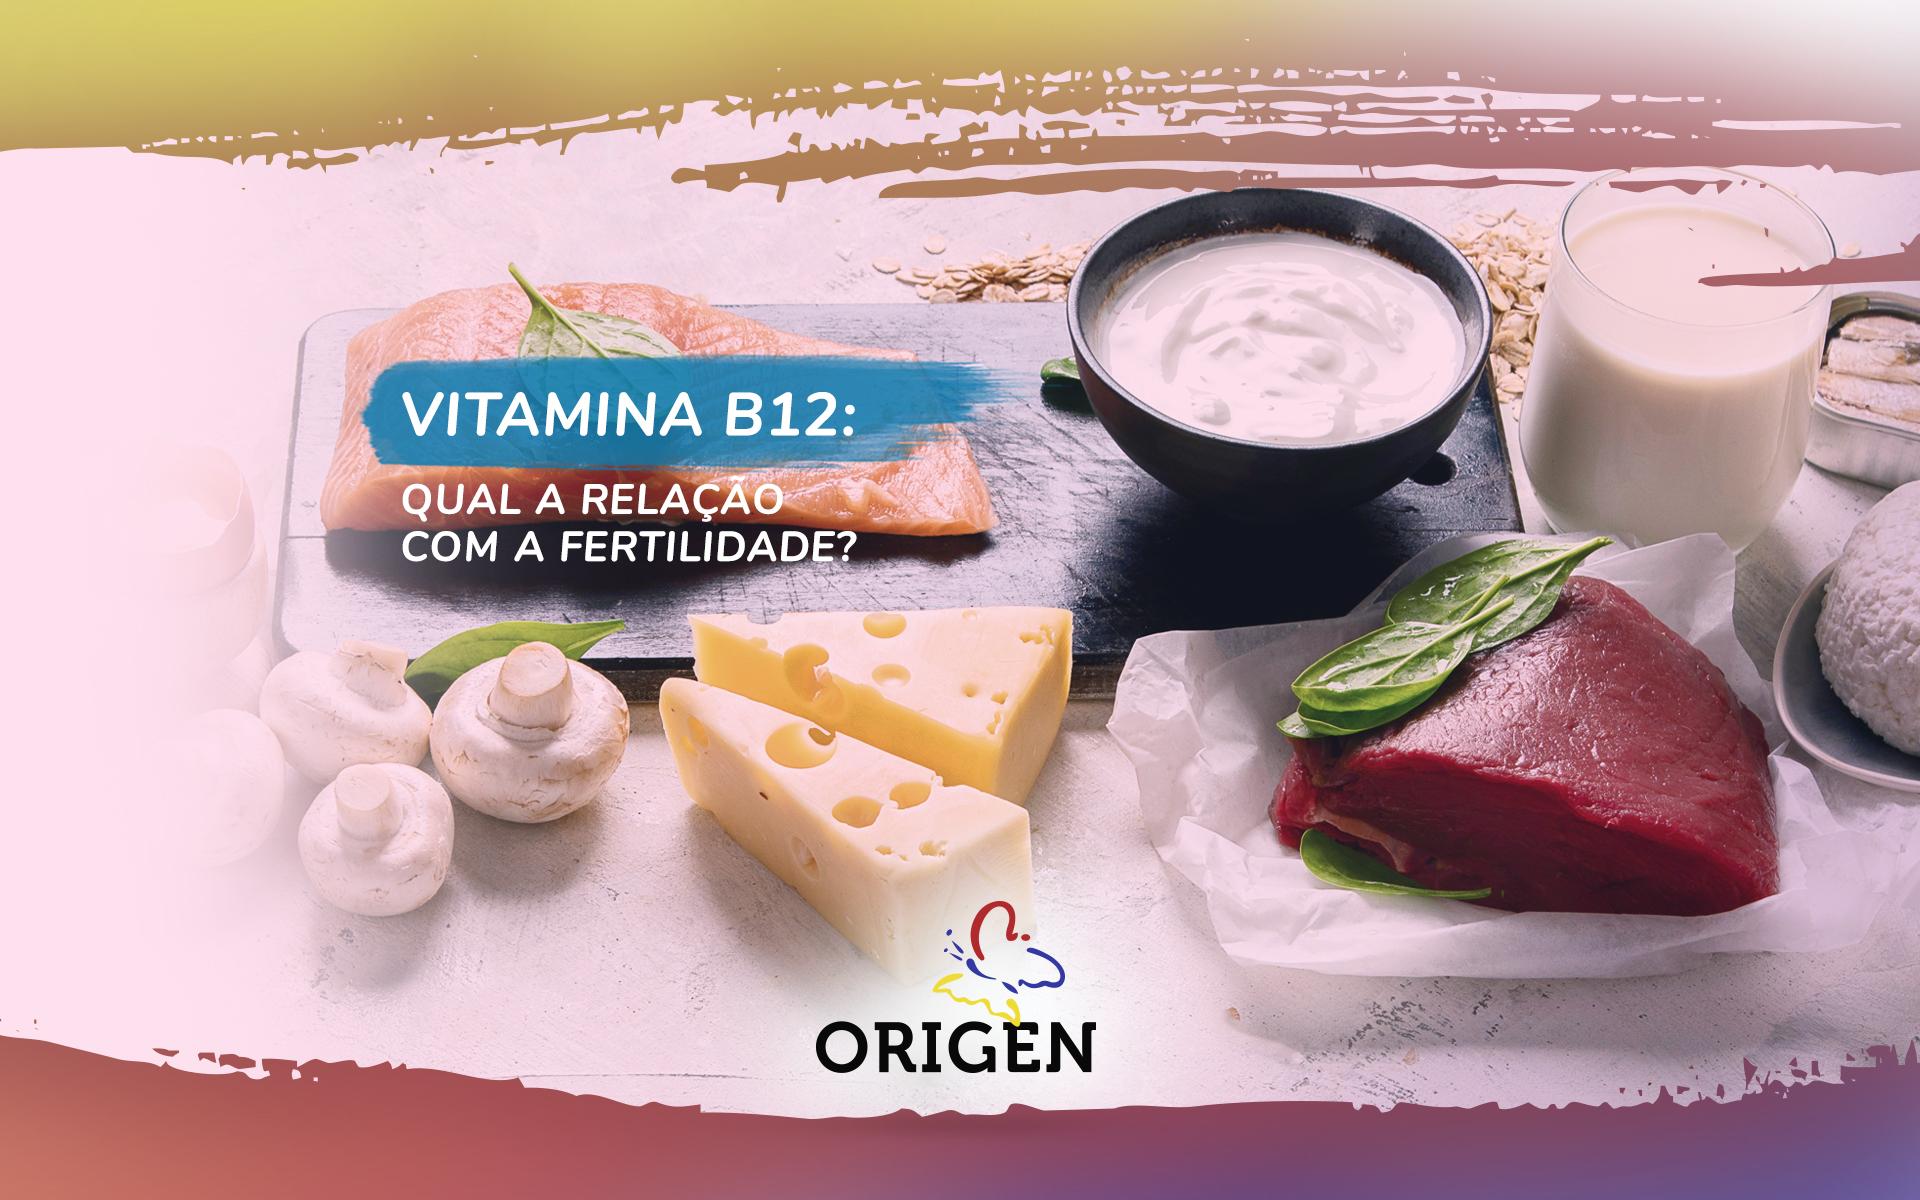 Vitamina B12: qual a relação com a fertilidade?